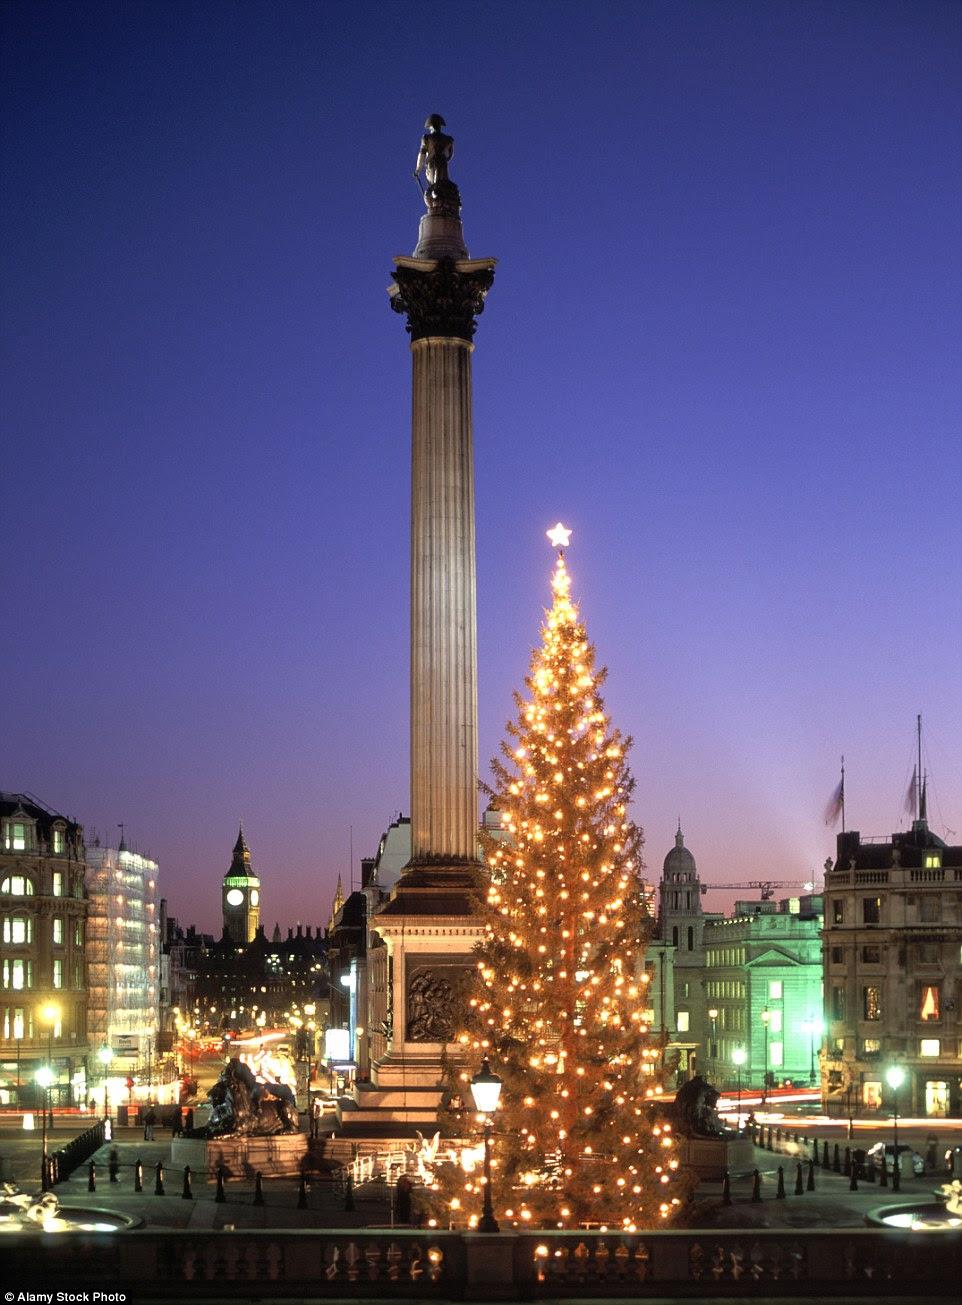 Árvore de Natal tradicional norueguesa impressionante da Trafalgar Square foi doado por Oslo, na Noruega para o povo de Londres